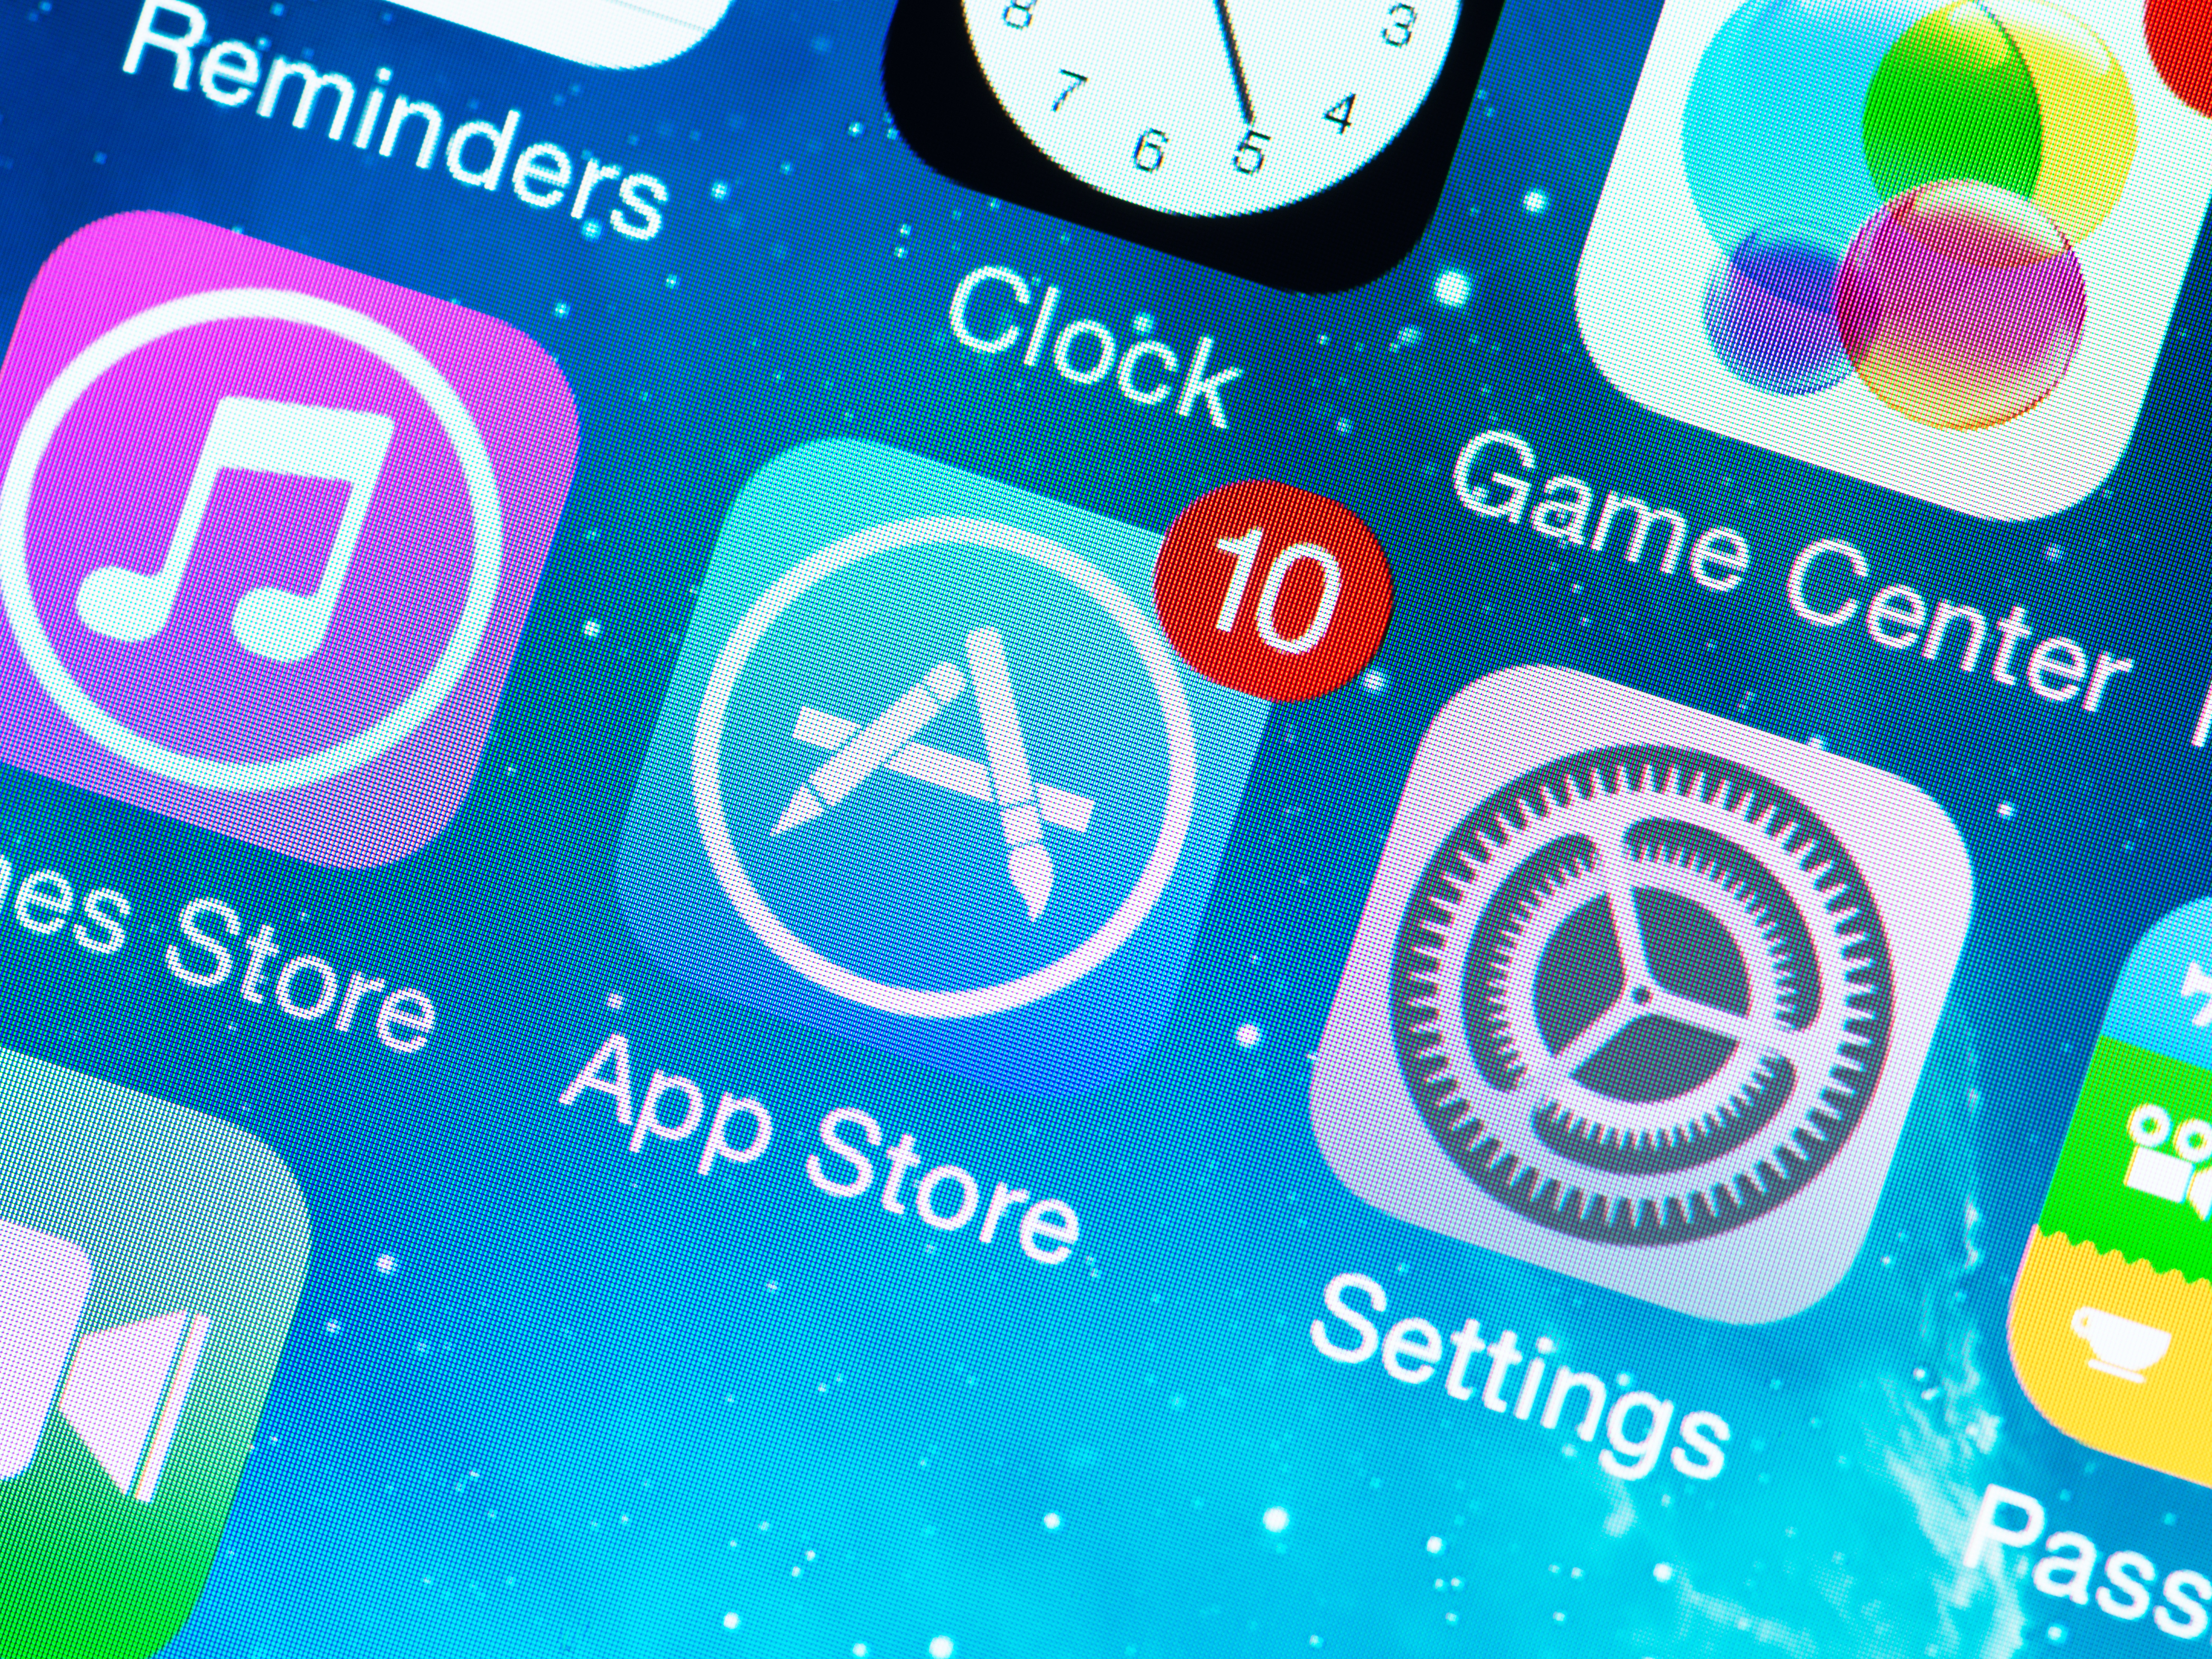 何度アプリ申請してもリジェクトされる理由とは?